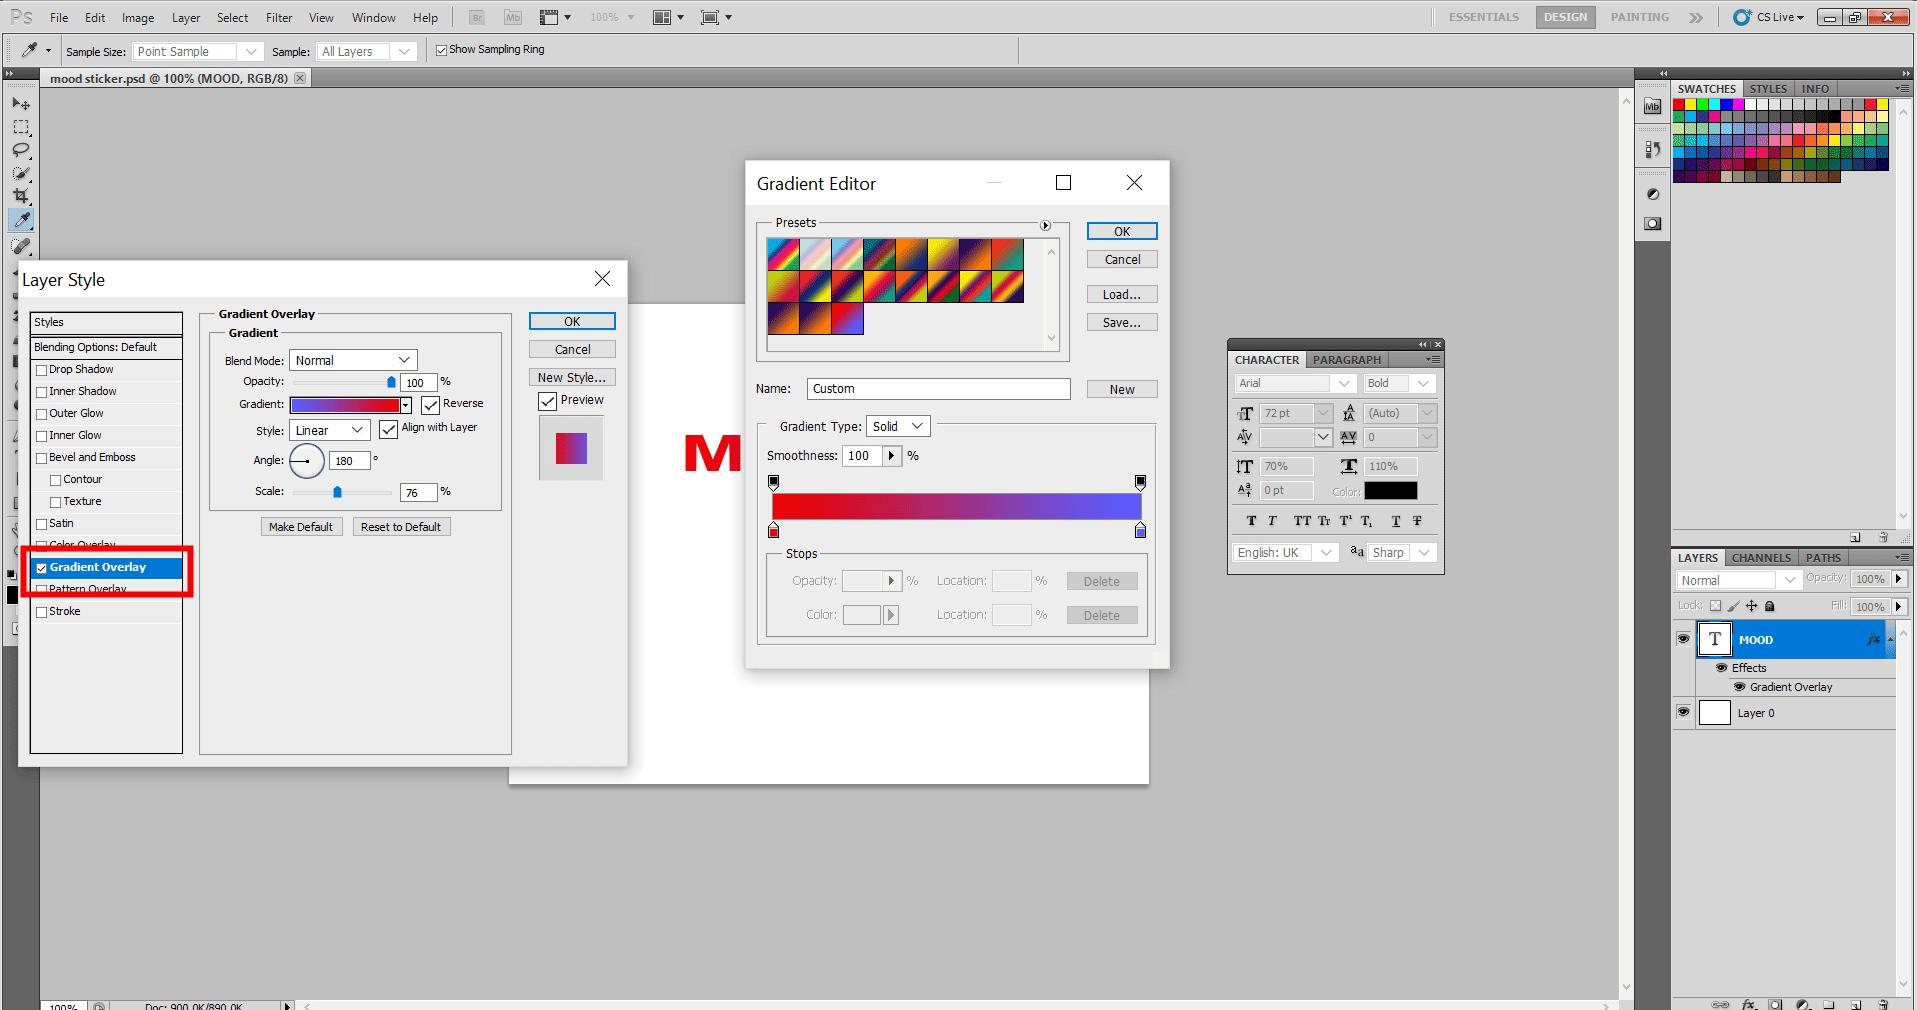 Adding Mood Sticker in Photoshop 8